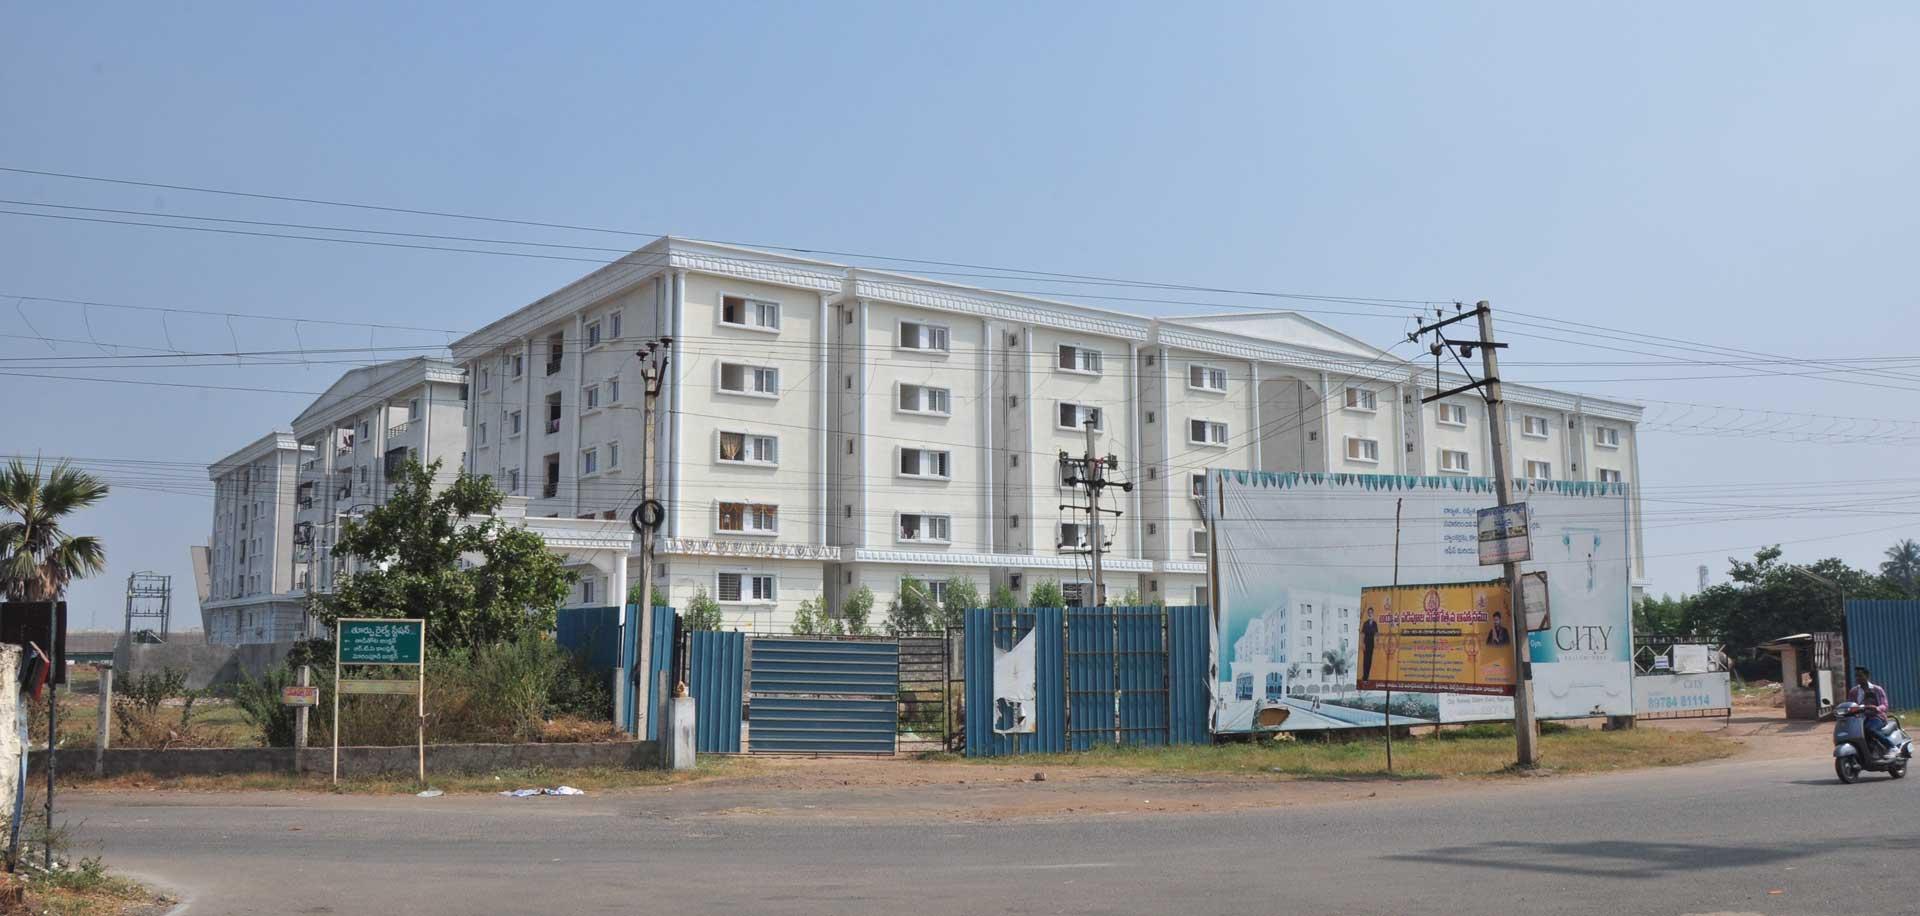 Royal mindz is top premium real estate developers and builders in Rajahmundry, Vijayawada, and Vishakapatanam